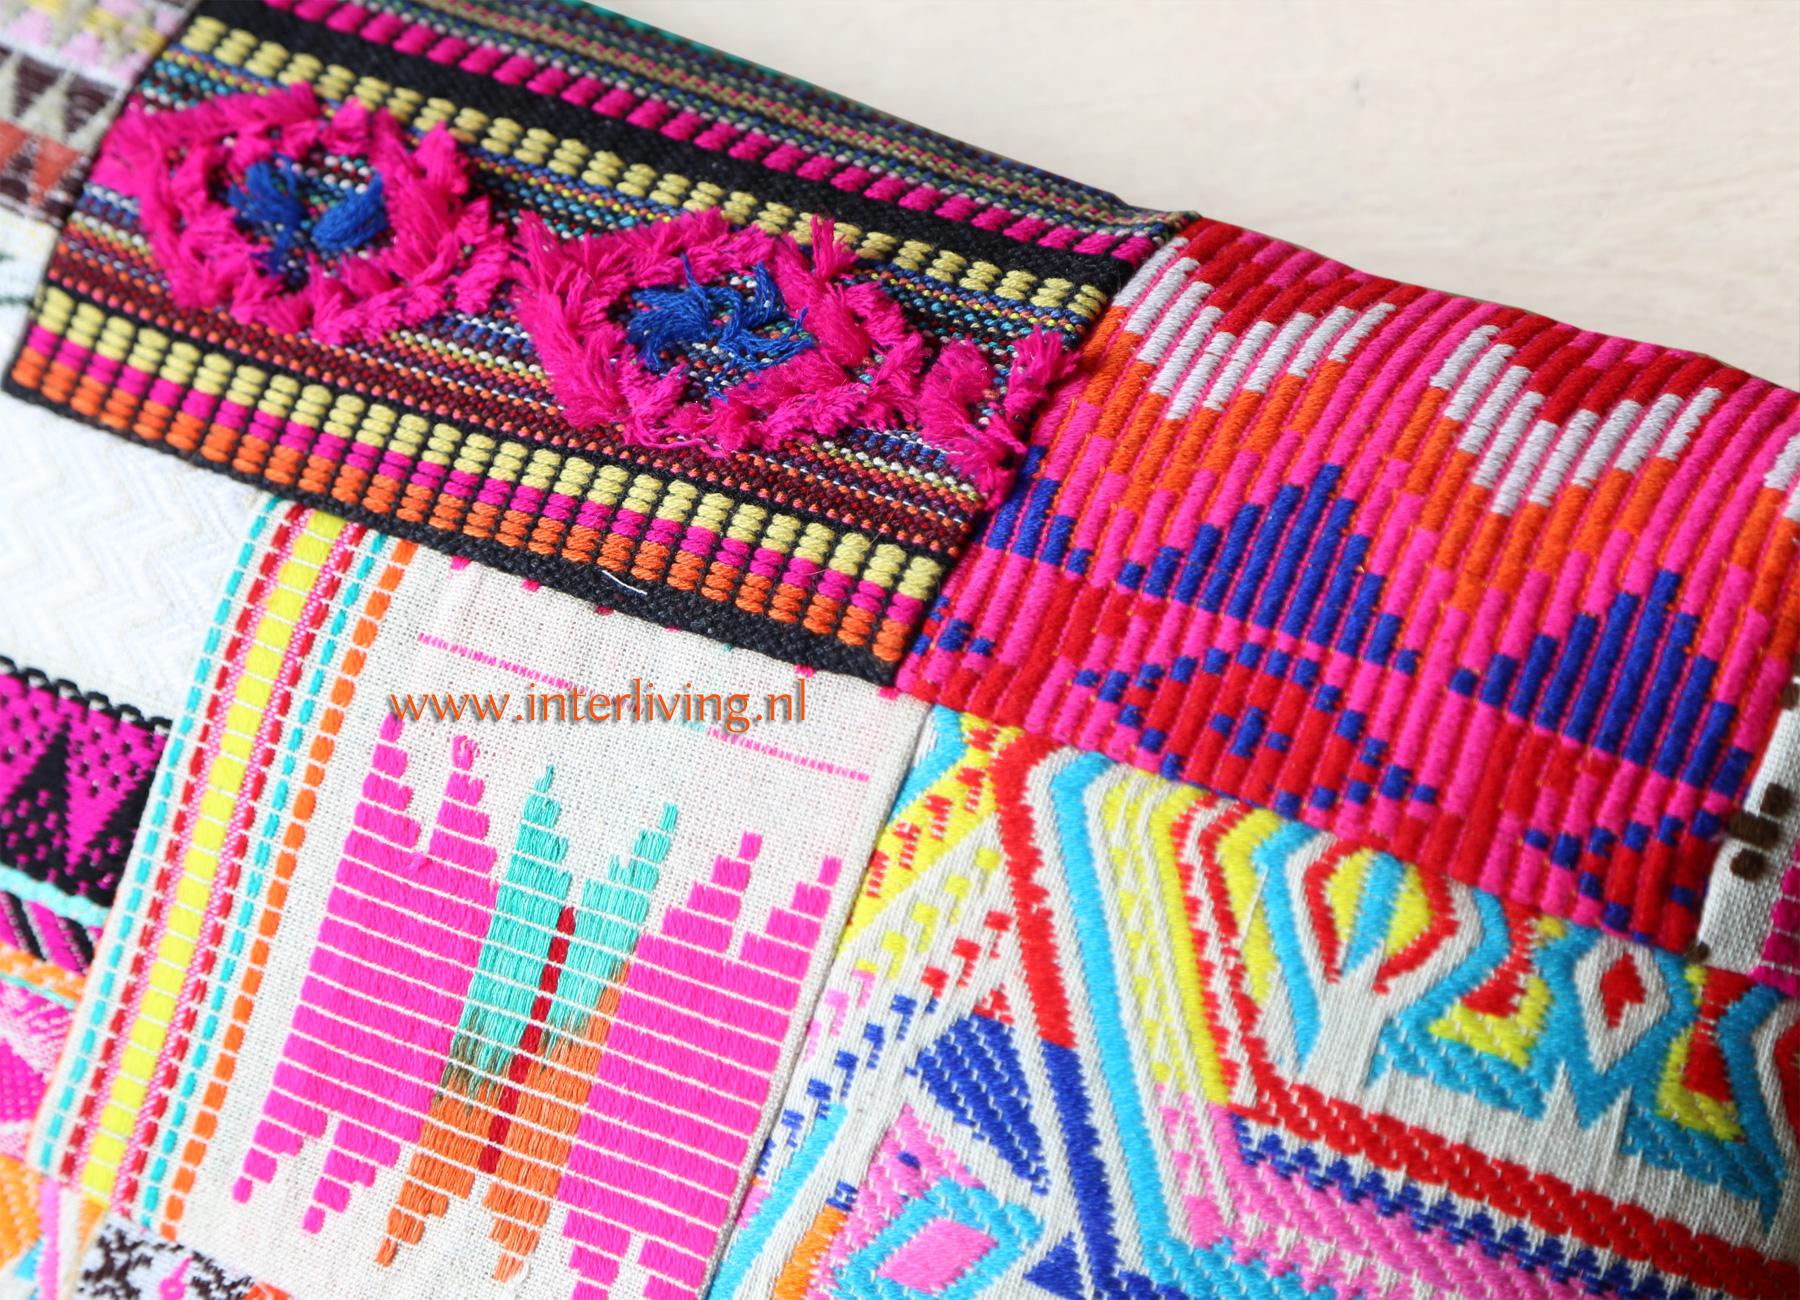 Ibiza patchwork kussen met Peruaans tribal borduurwerk - vrolijke felle zomer kleuren